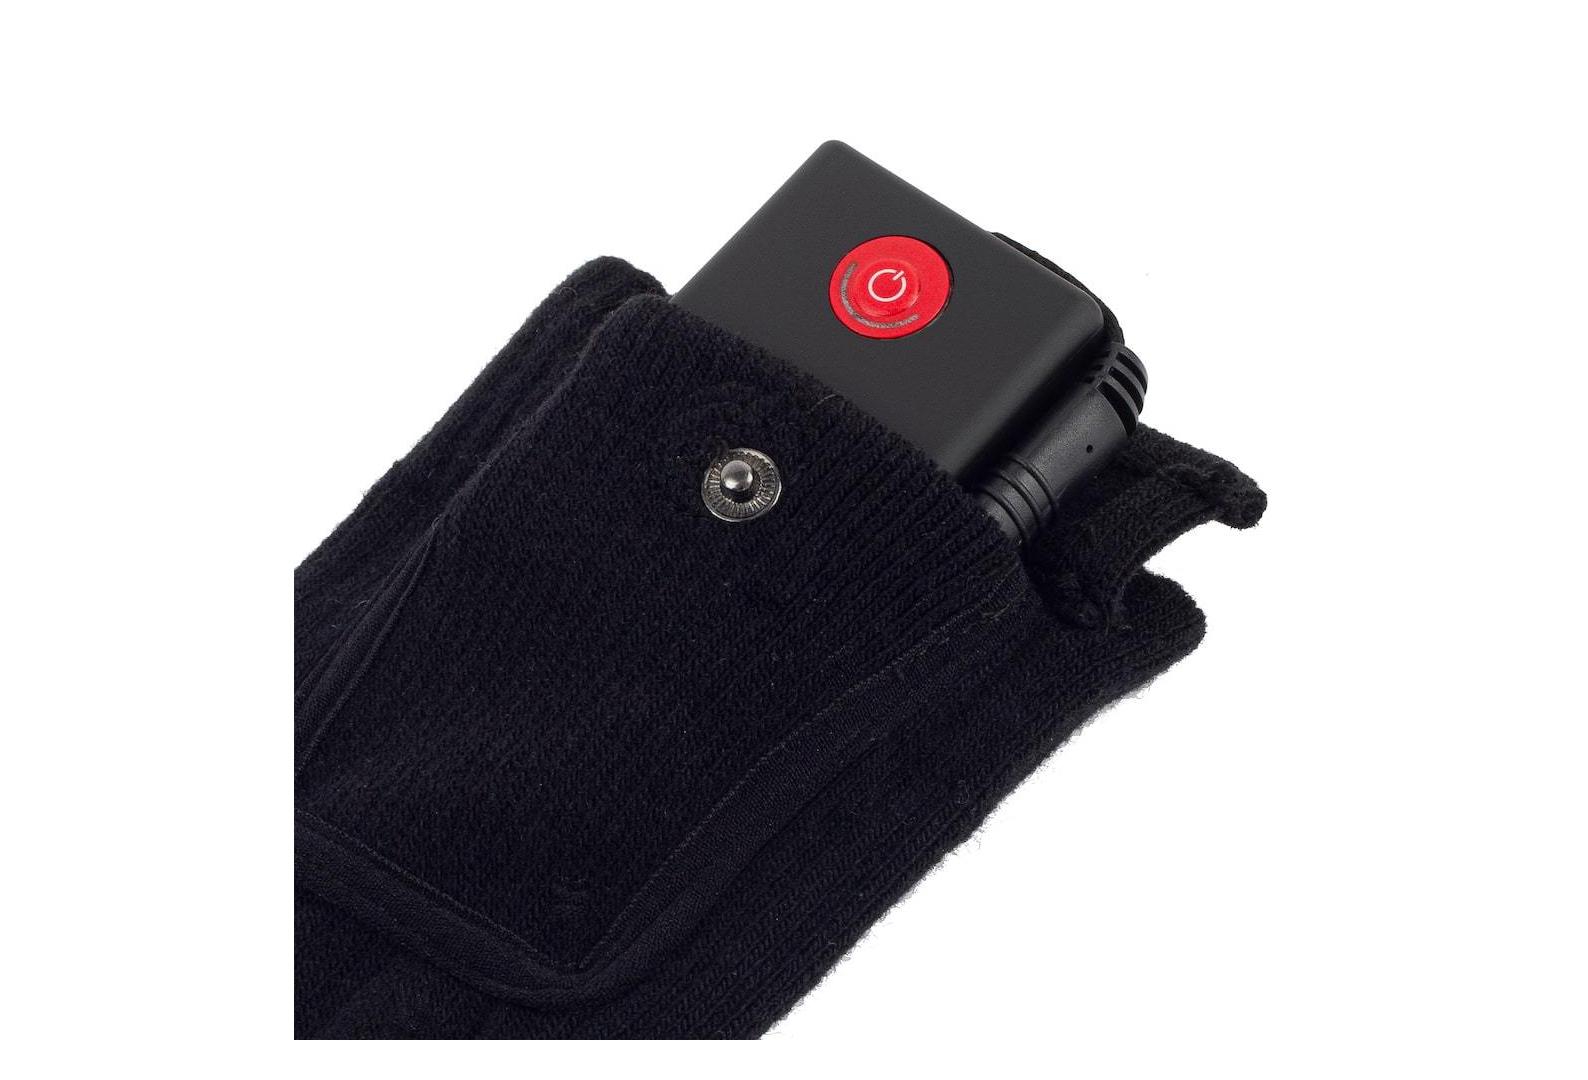 Glovii Chaussettes de Ski Batterie Chauff/ée 41-46 Noir T/él/écommande 35-46